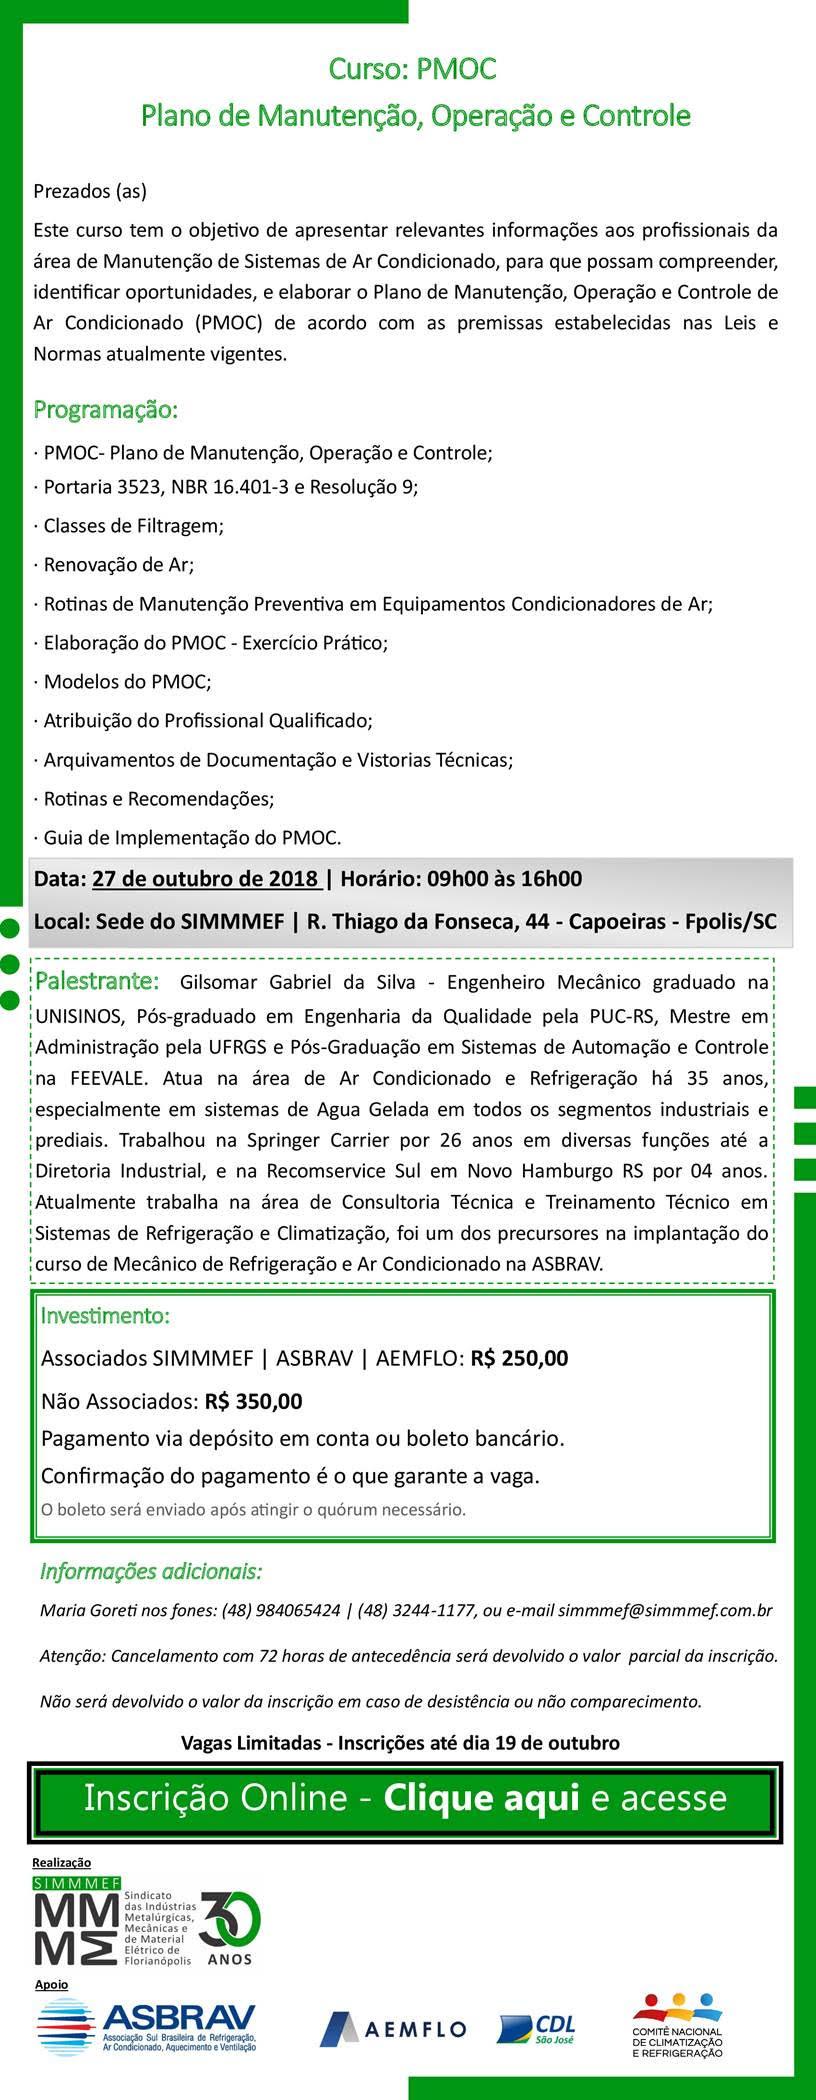 Curso: PMOC Plano de manutenção, Operação e Controle